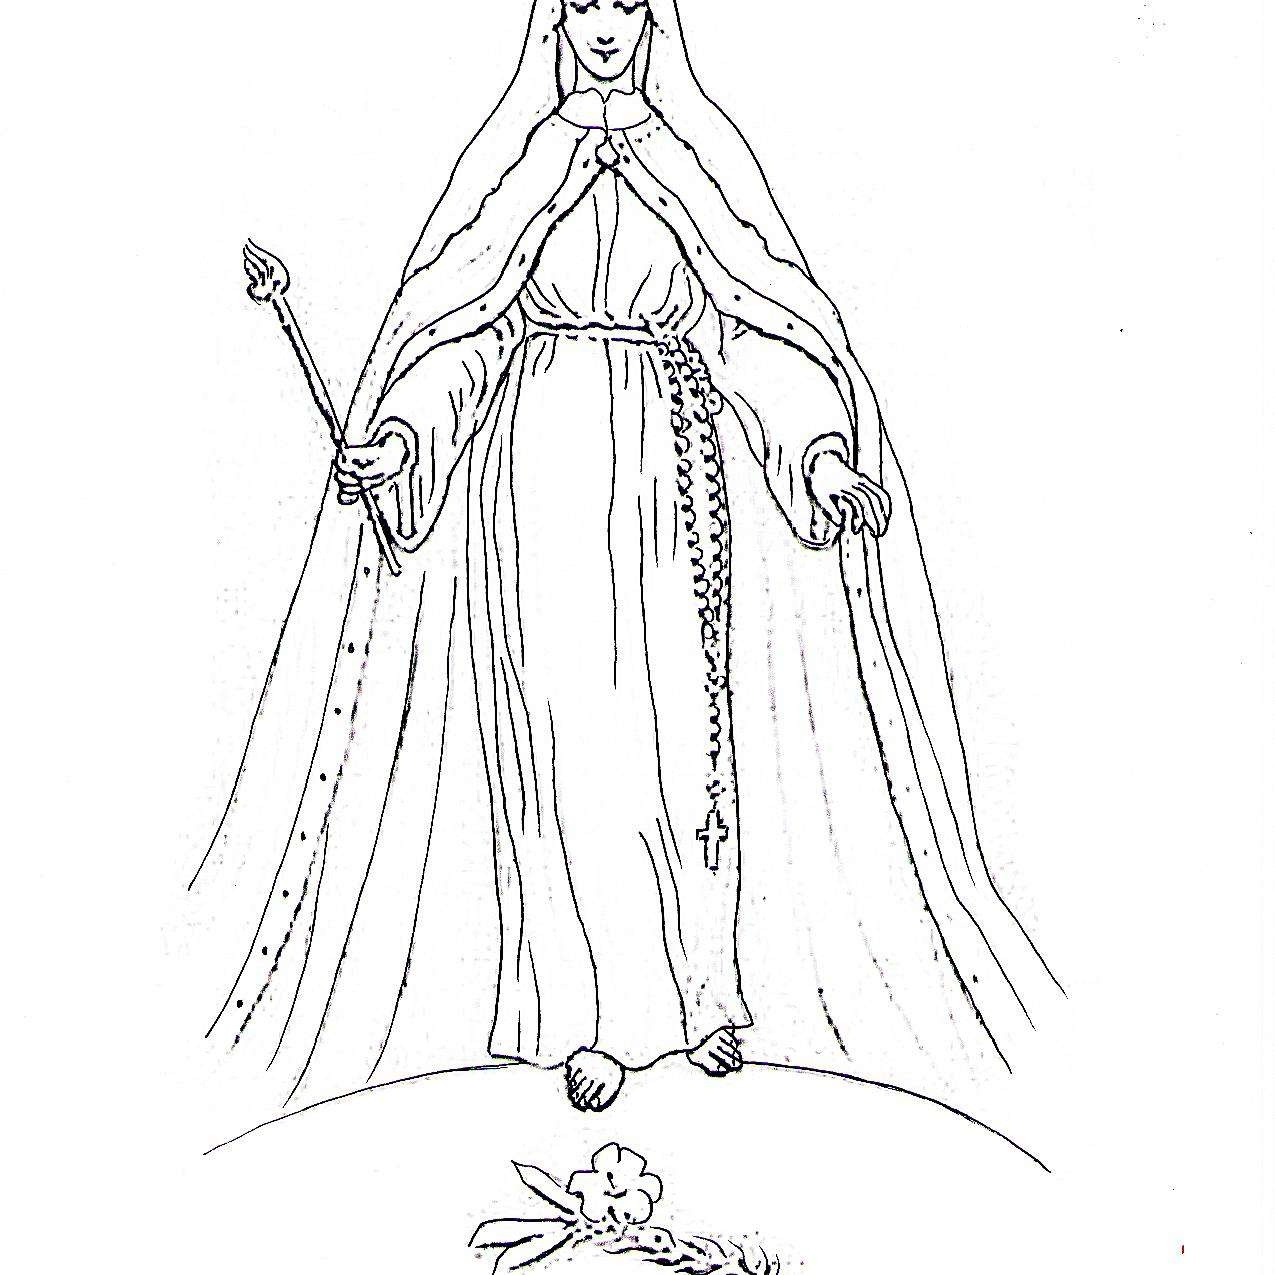 Dibujo de la Virgen María, Reina de los Cielos